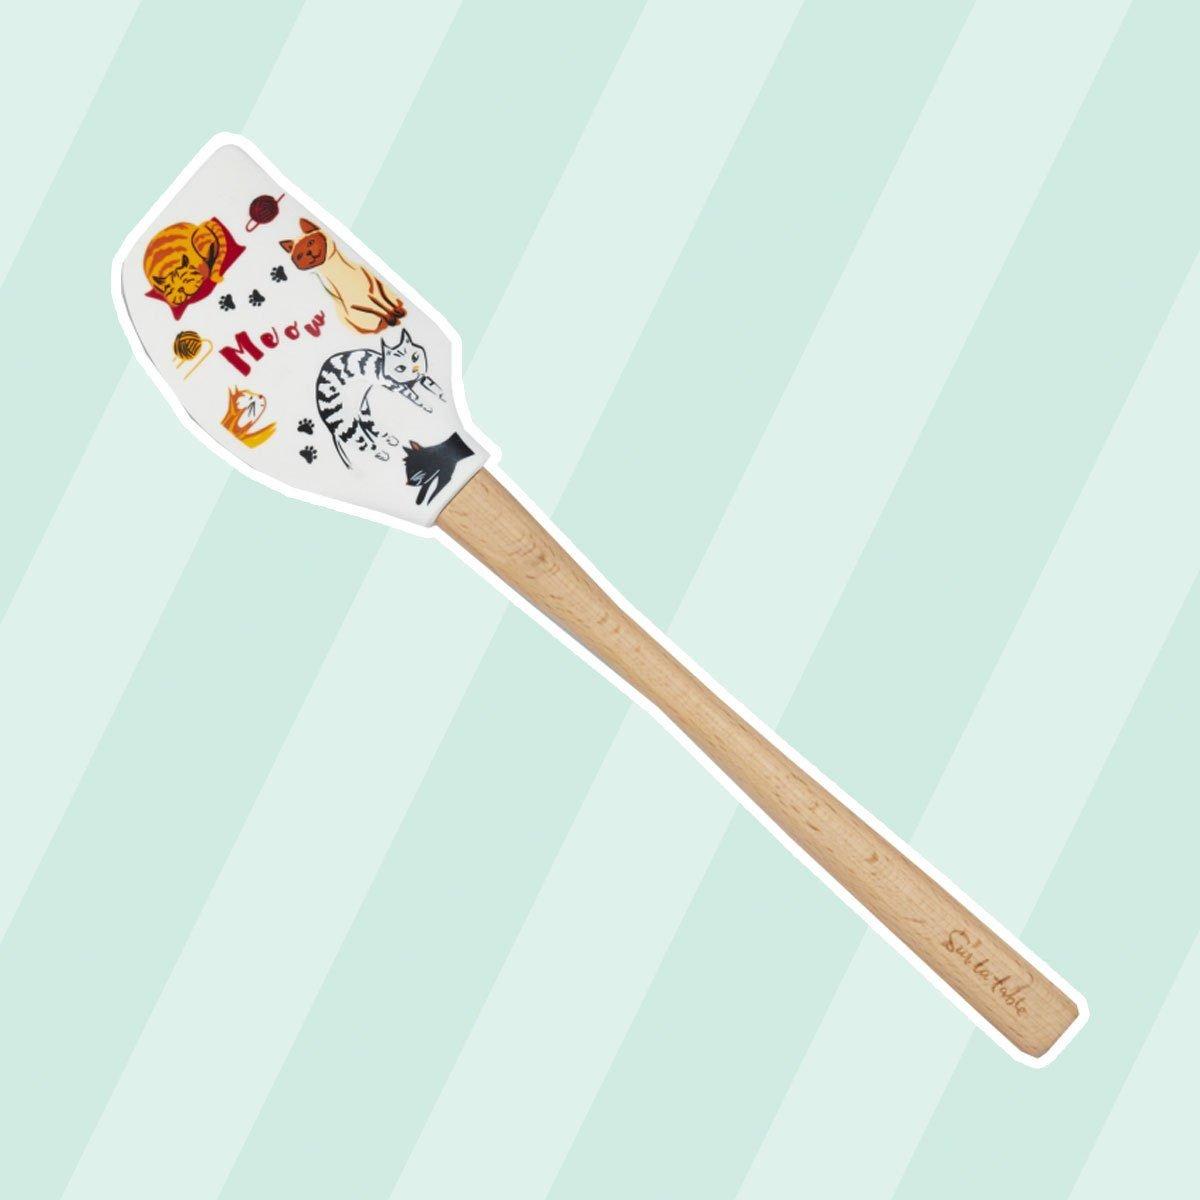 Silicone cat spatula